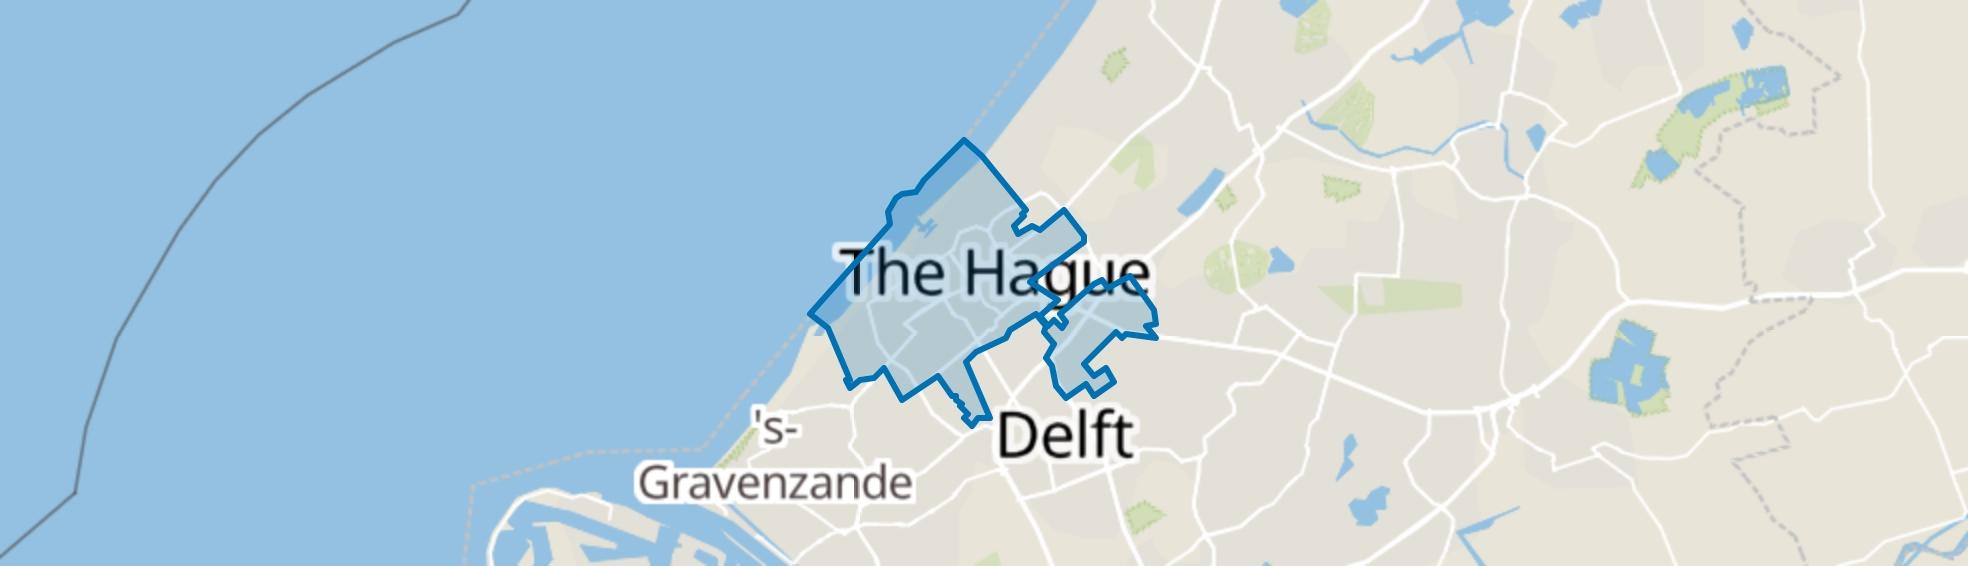 Den Haag map